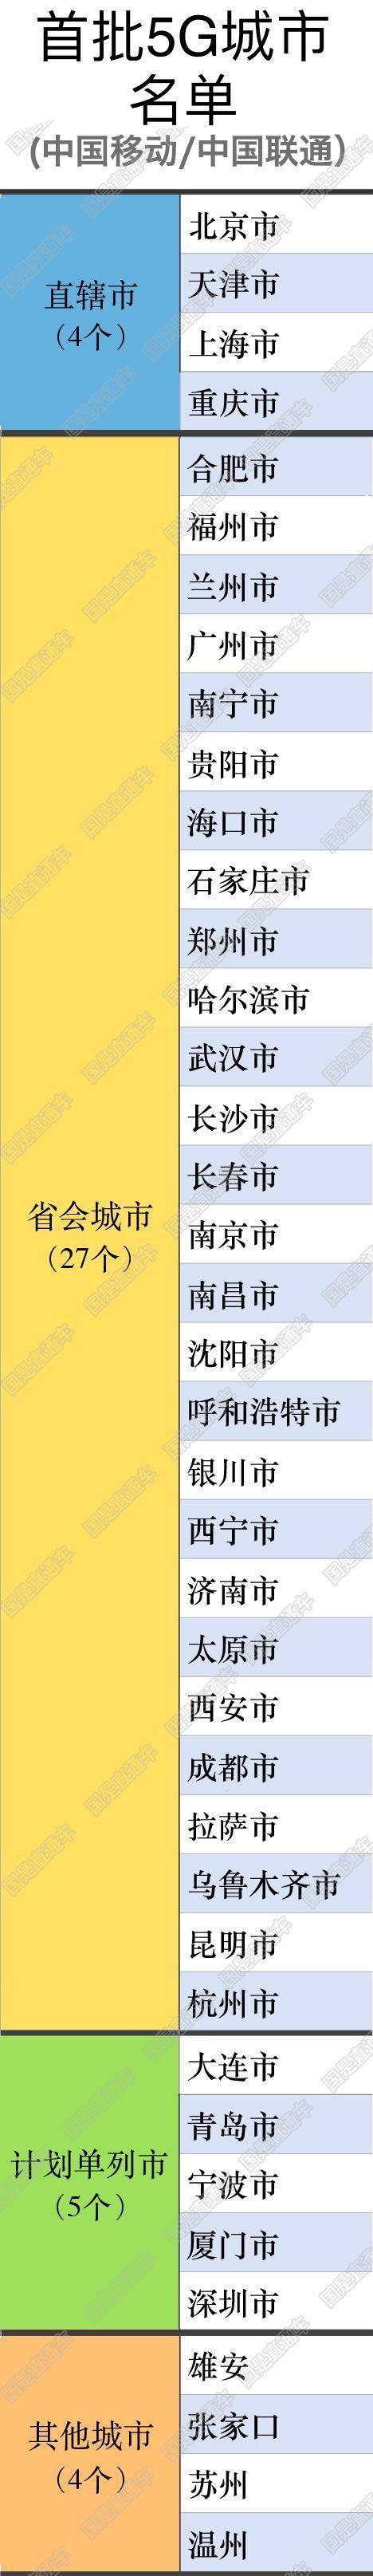 中国移动联通电信首批5G城市名单公布  有你家乡吗